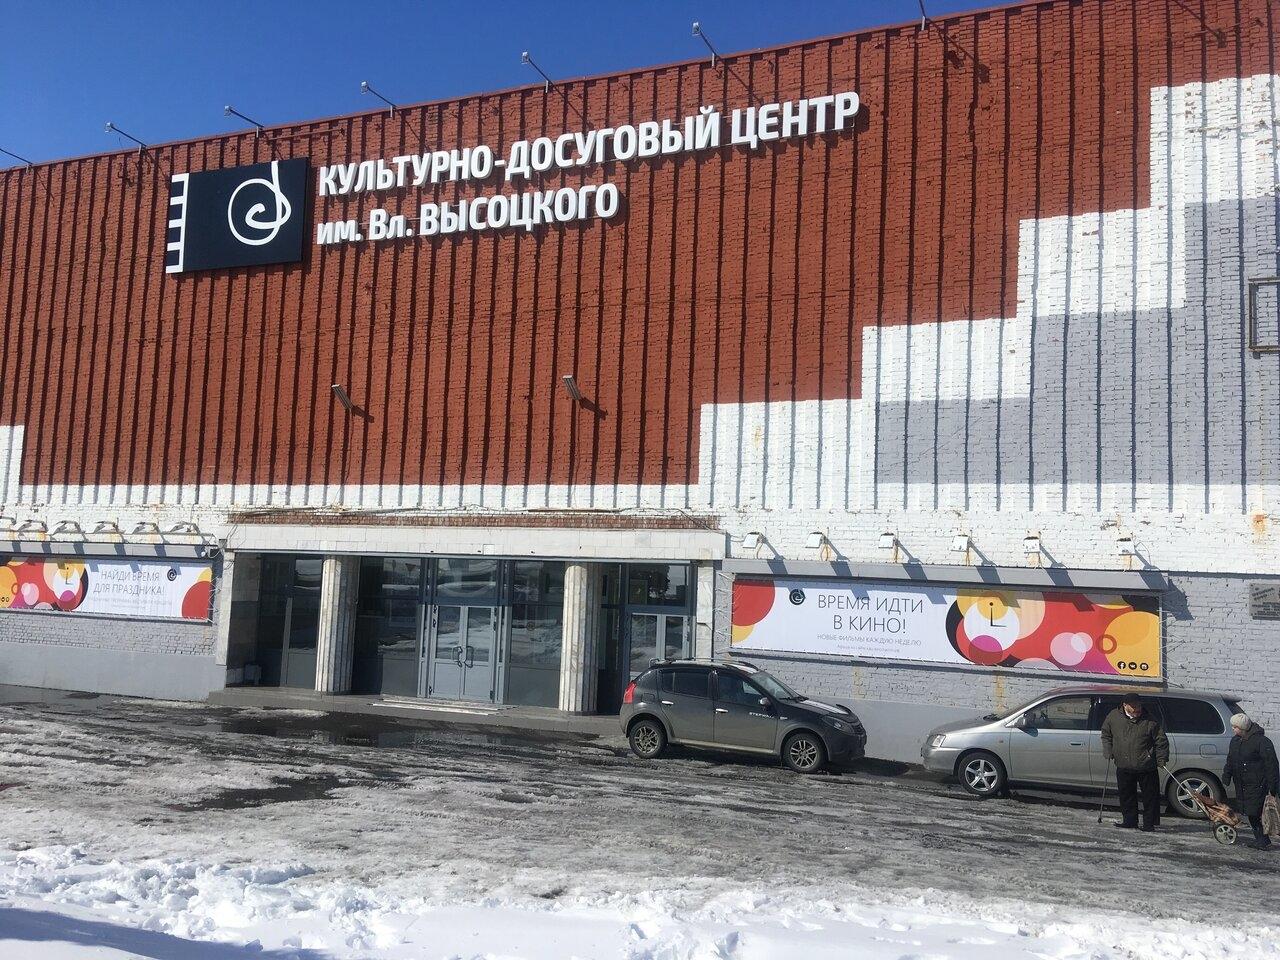 КДЦ имени Вл. Высоцкого открыл онлайн–выставку норильского фотографа Андрея Кийко